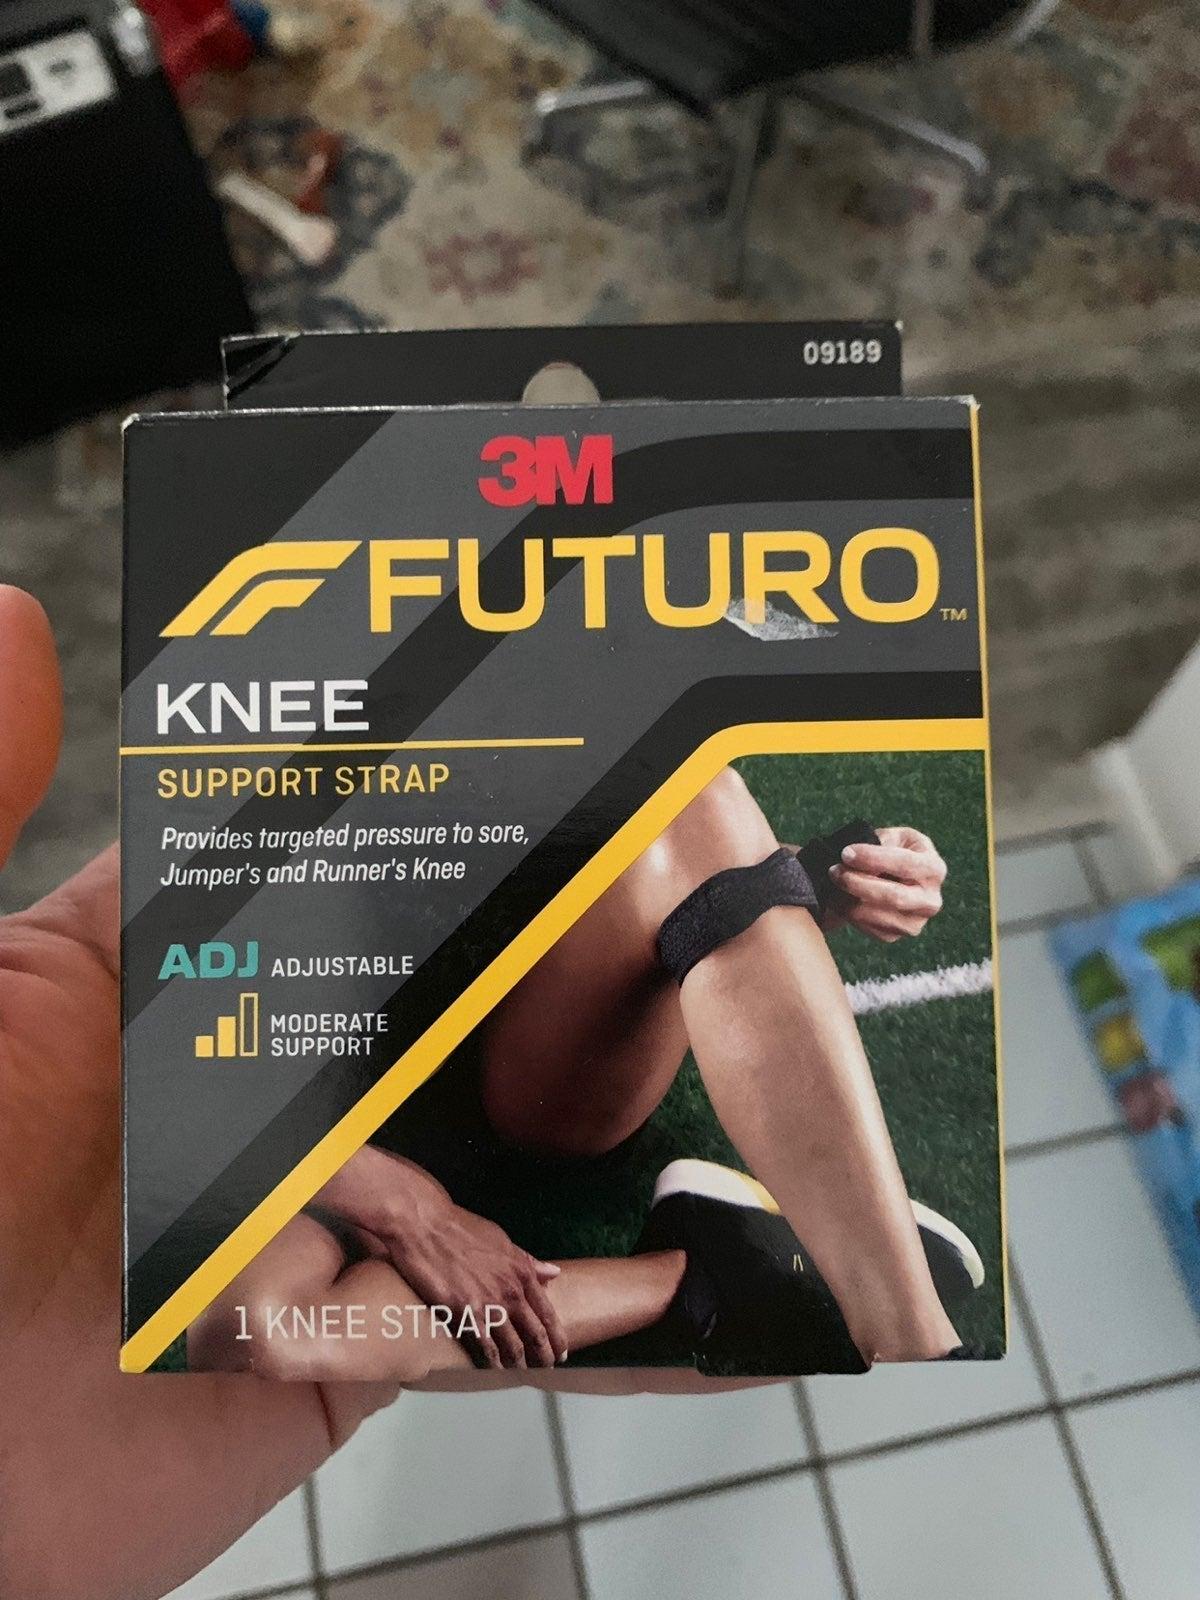 Futuro Knee Support Strap Brace